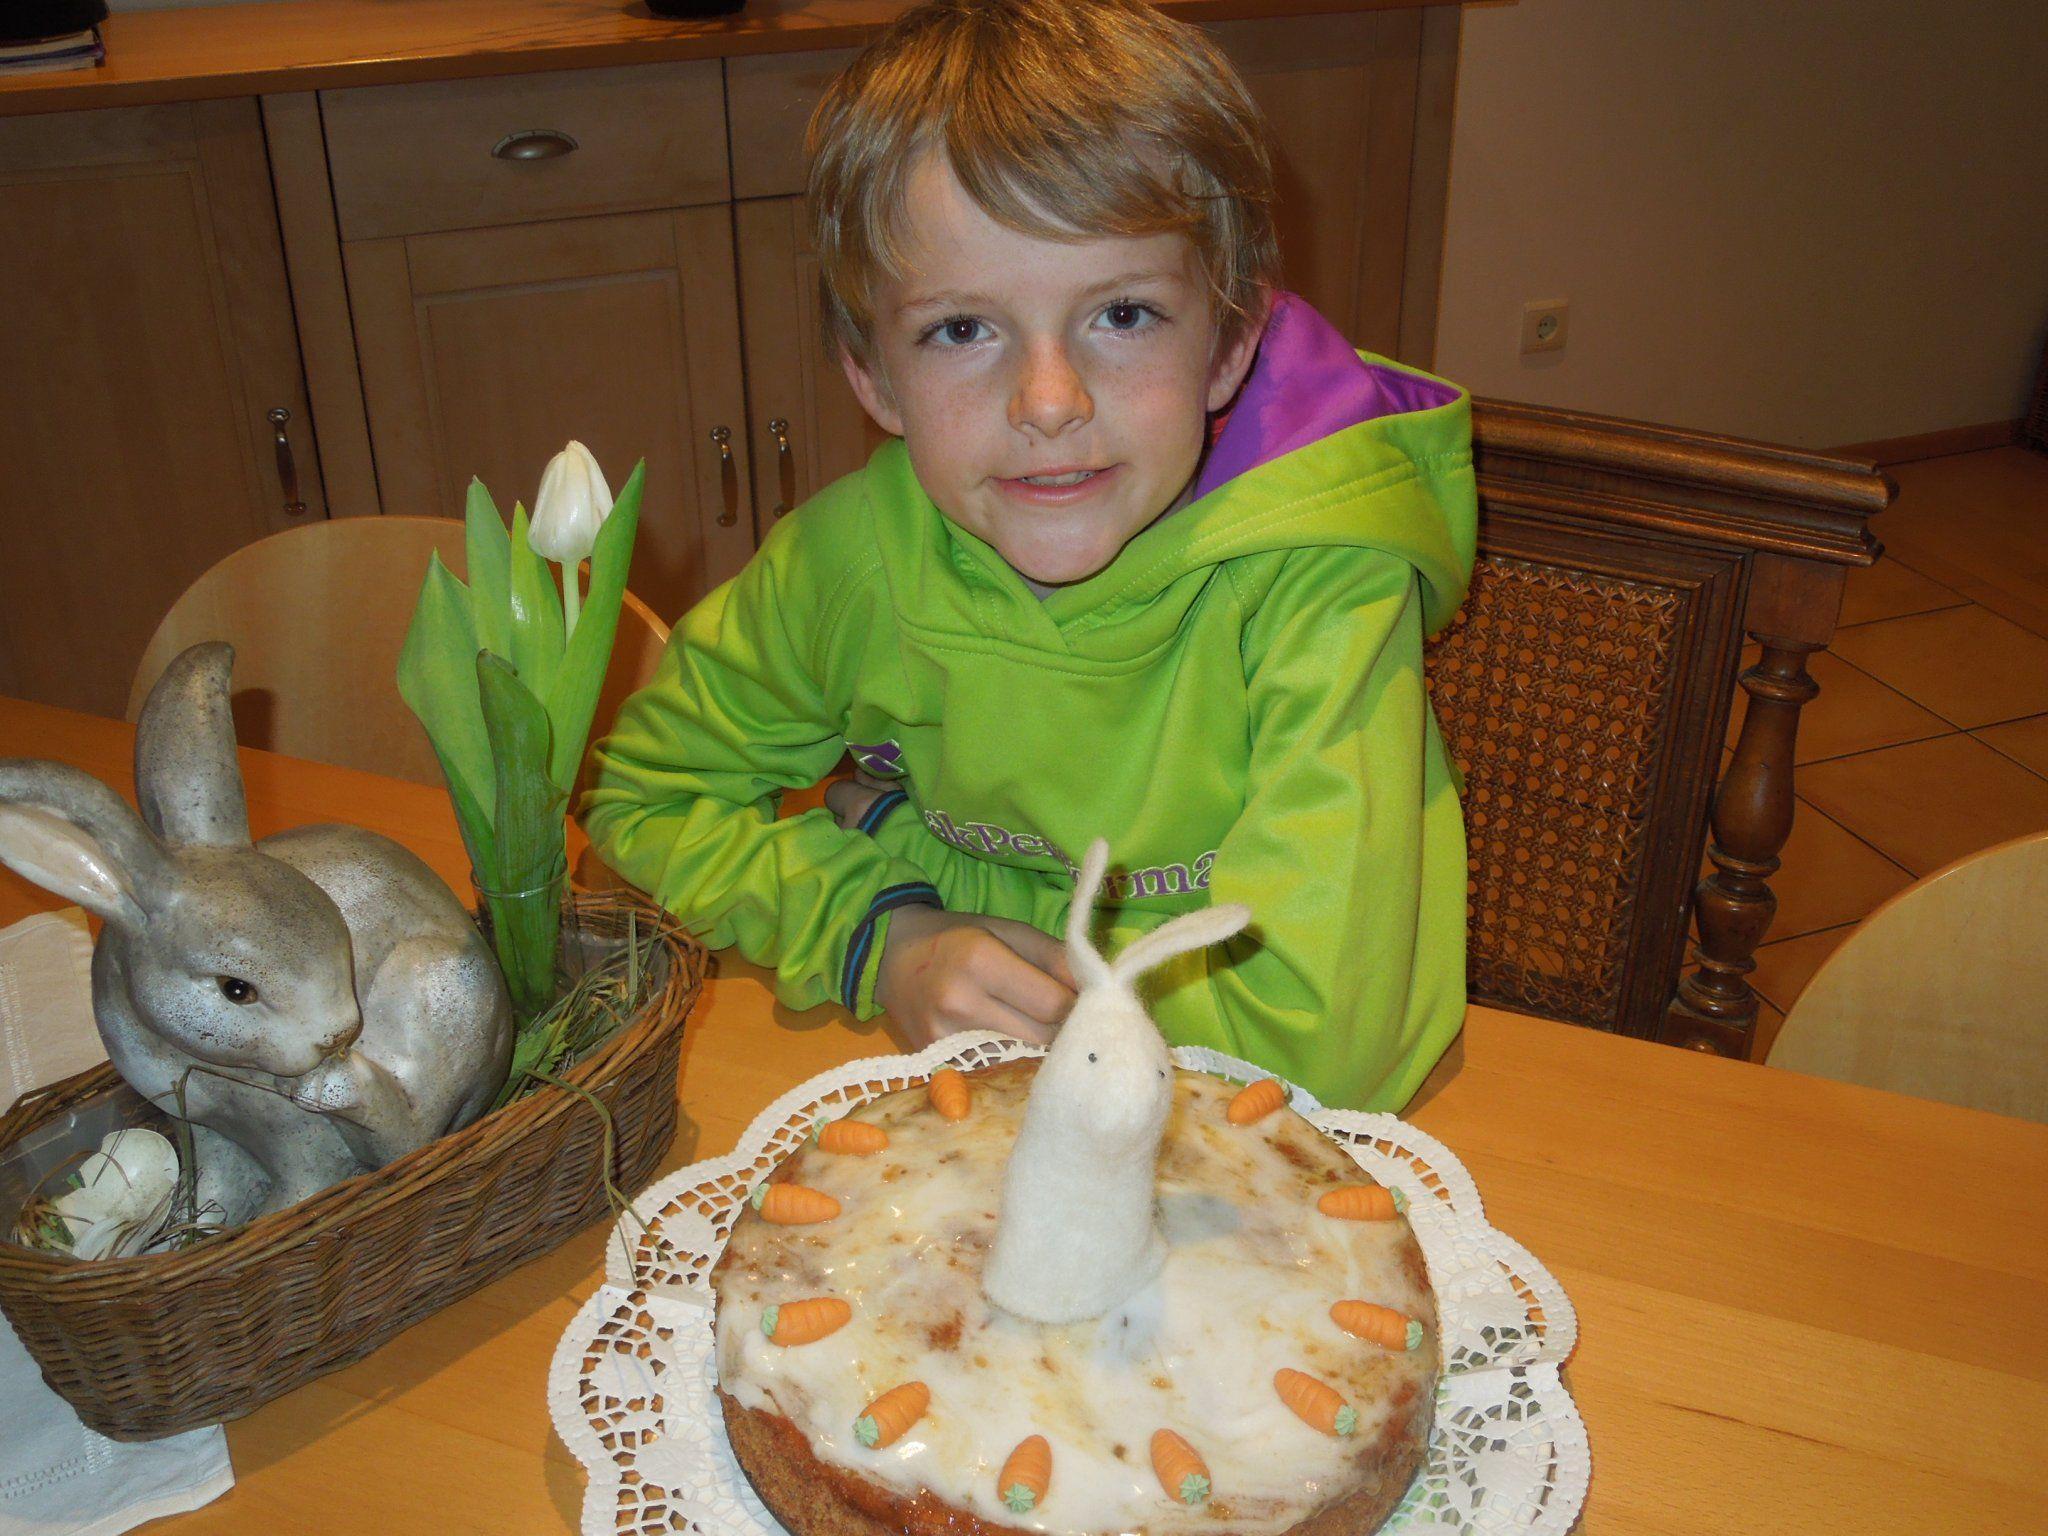 Klingt komisch, ein Kuchen mit Karotten - schmeckt aber sehr, sehr lecker.